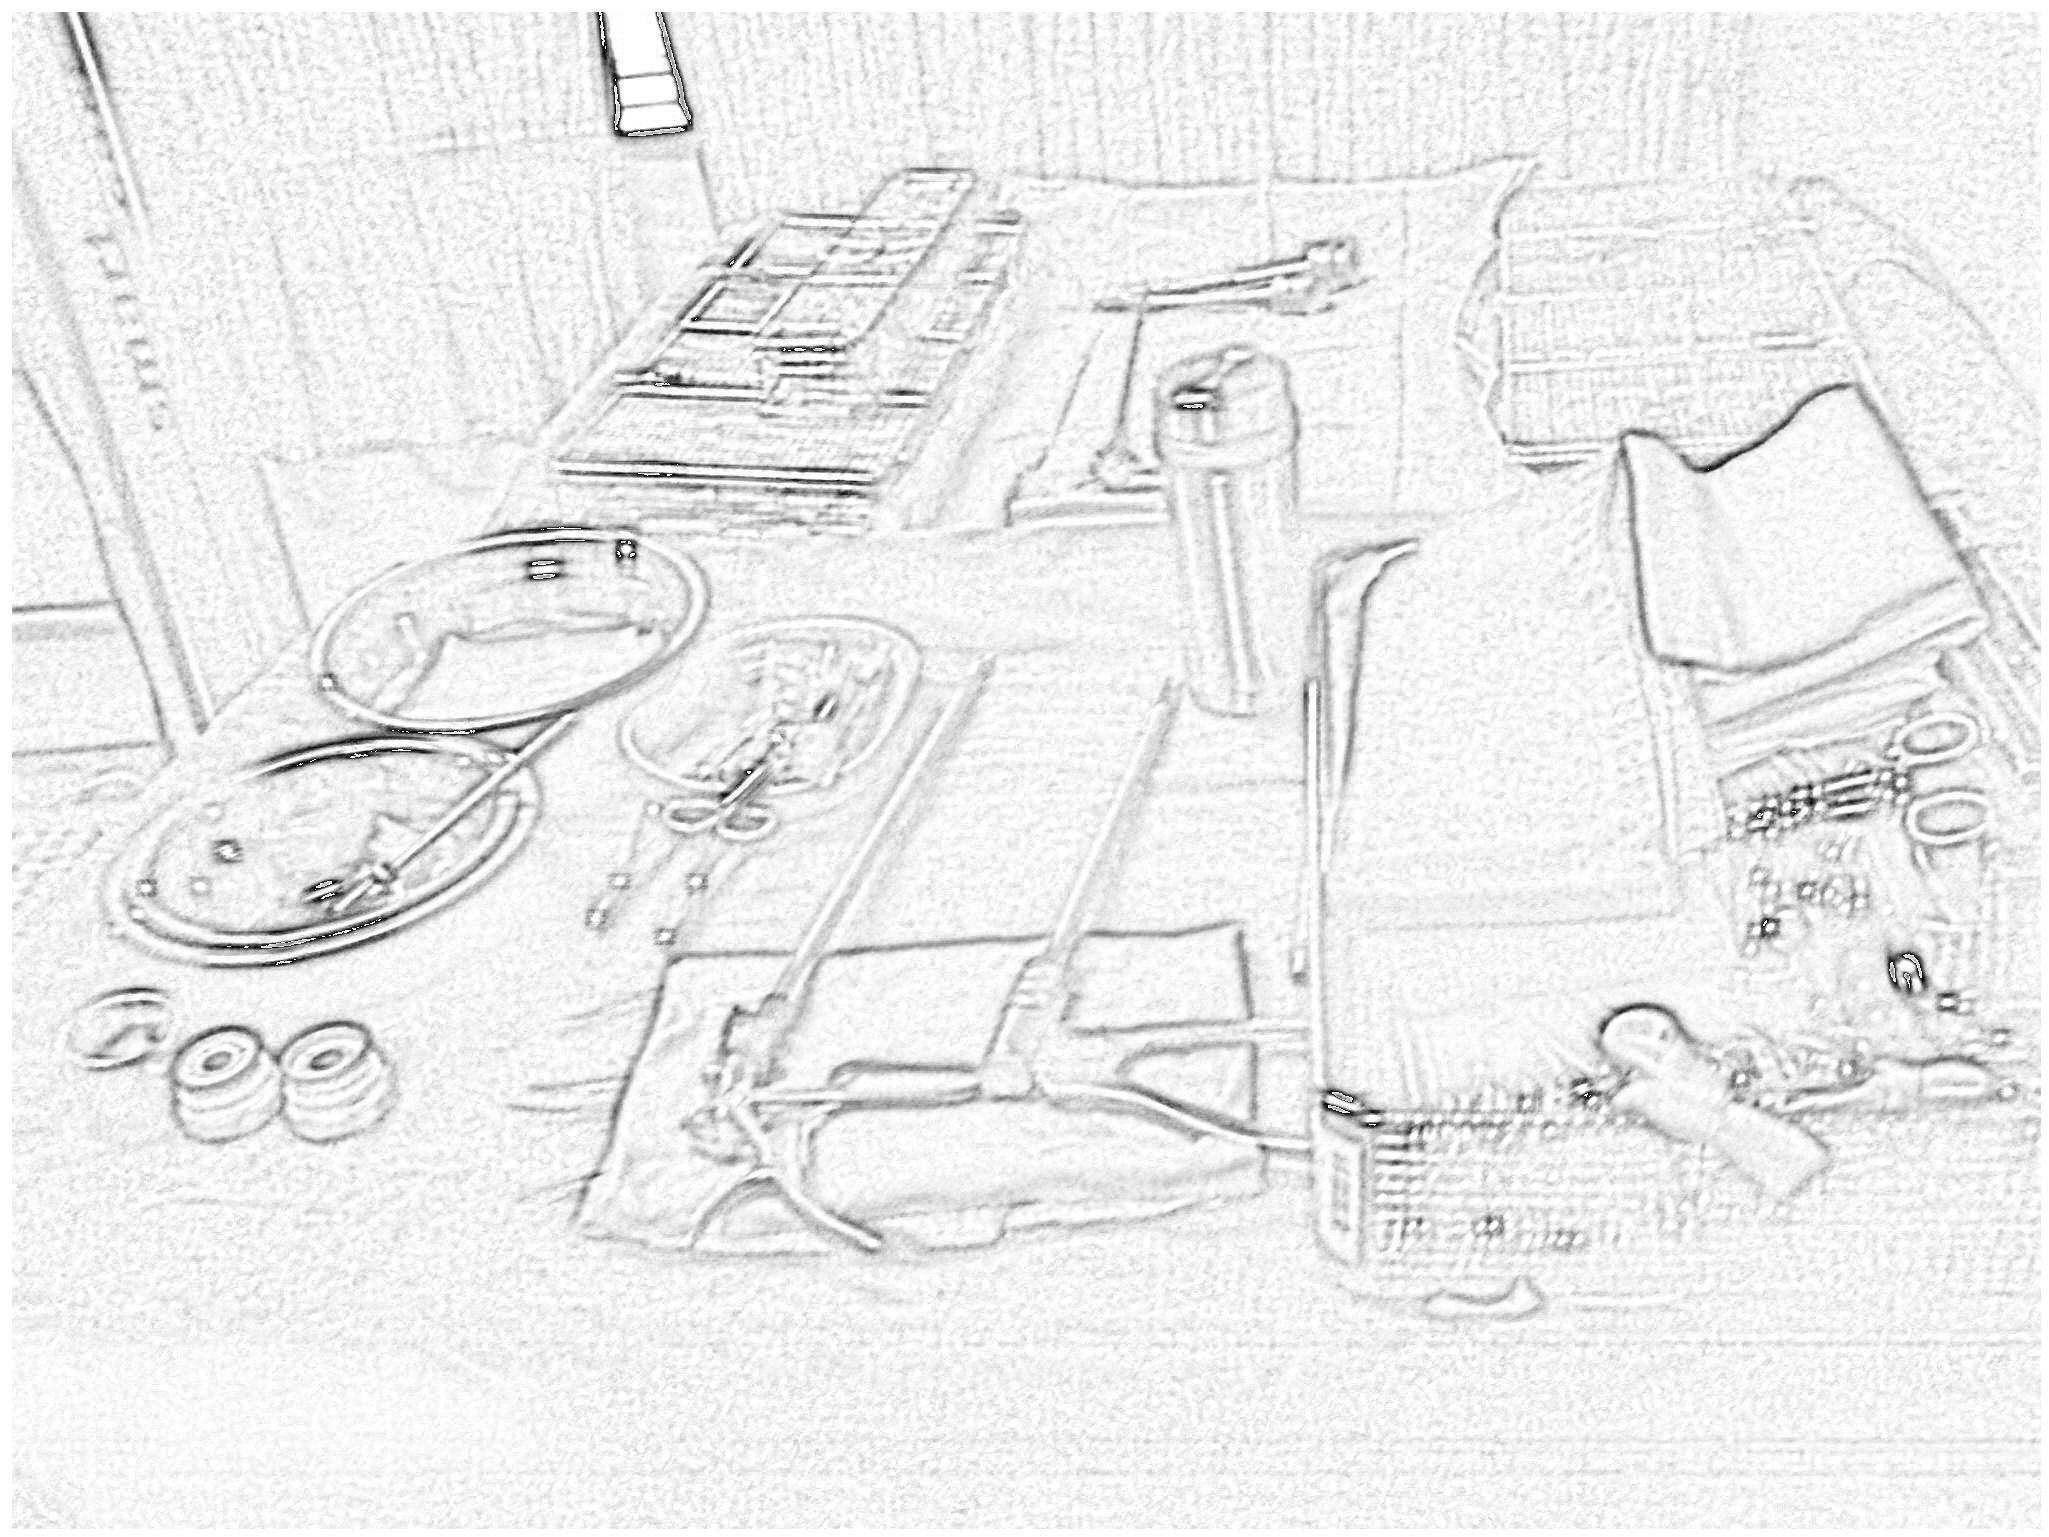 2012年手术室胃肠专科护士手绘手术台面标准化布局图